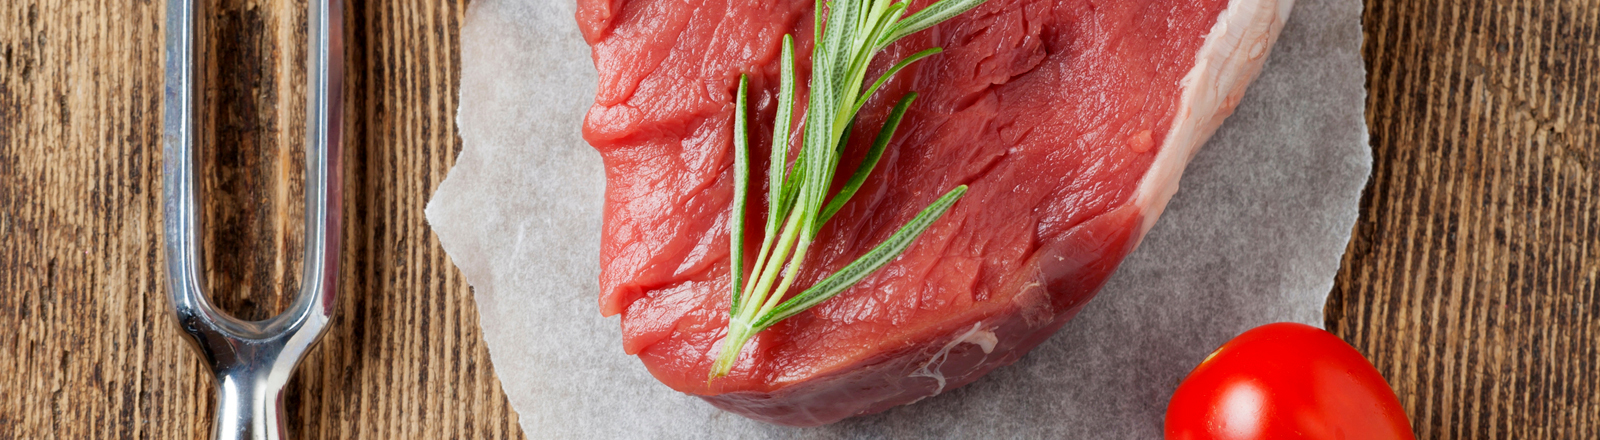 Rohes Steak auf einem Teller